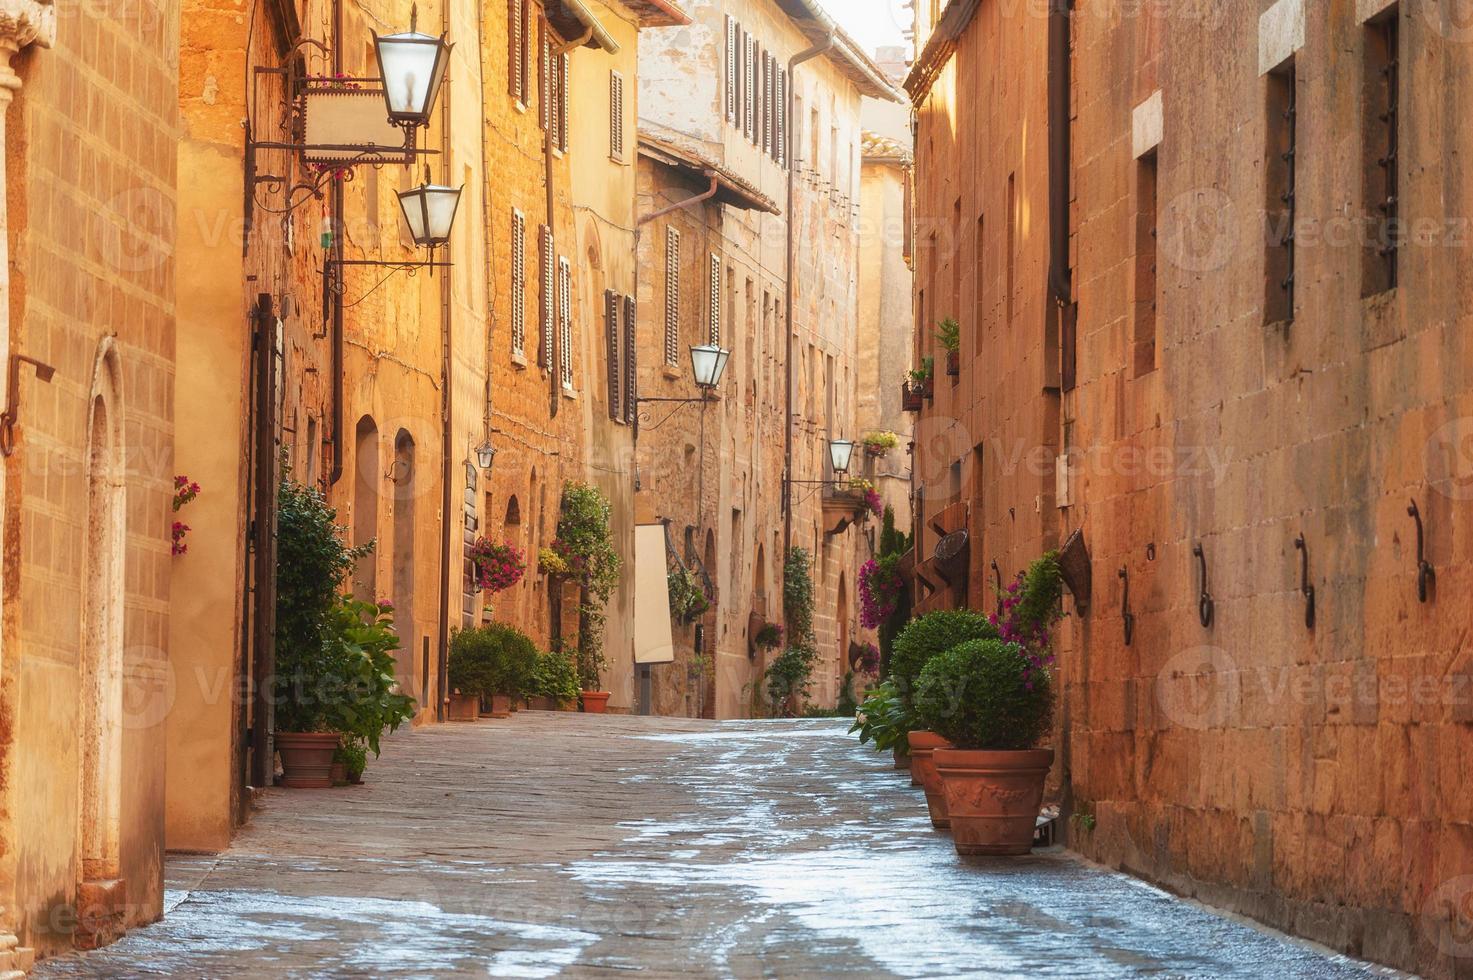 die Altstadt und die Straße aus dem Mittelalter foto